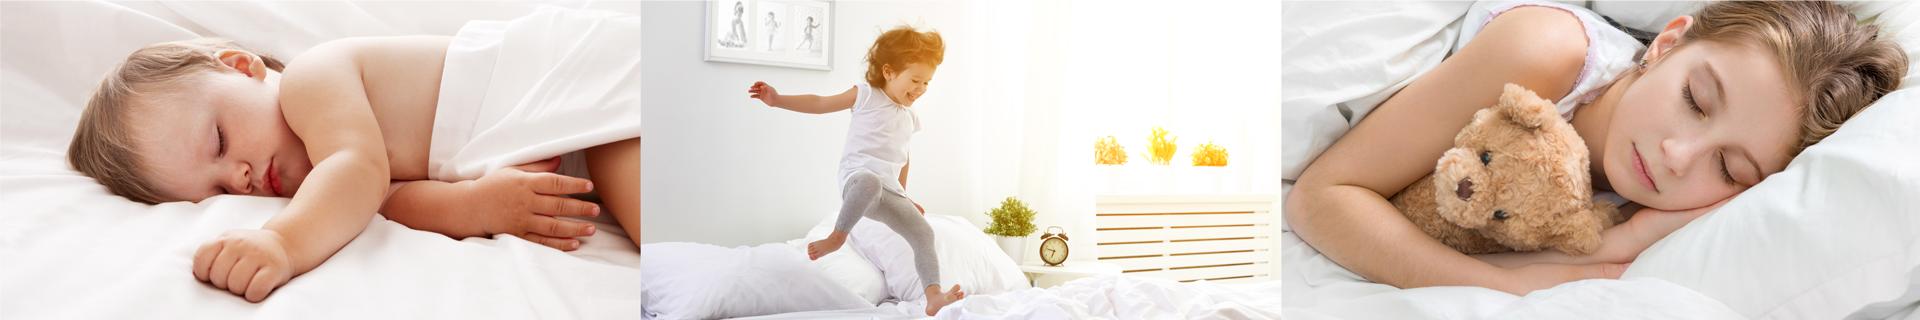 Materace dla starszych dzieci – My Sweet Room - Meble dziecięce